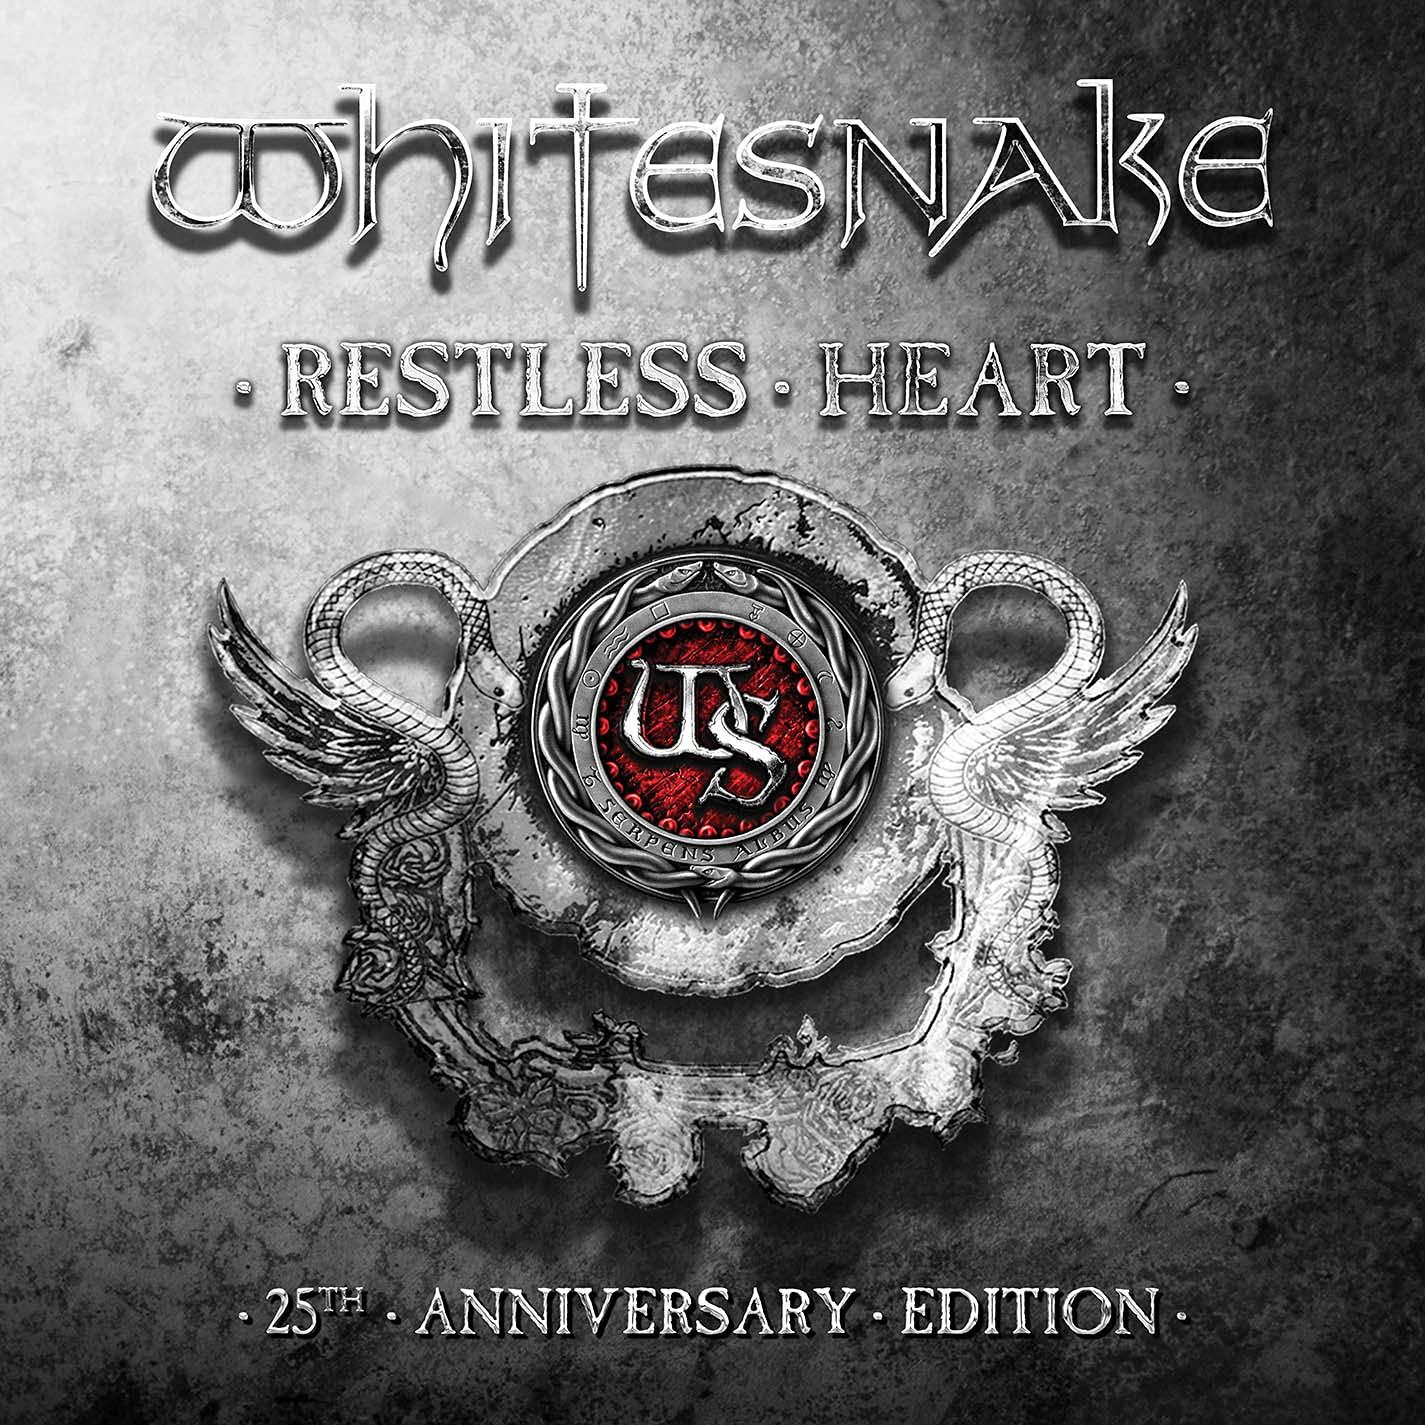 whitesnake restless heart 25